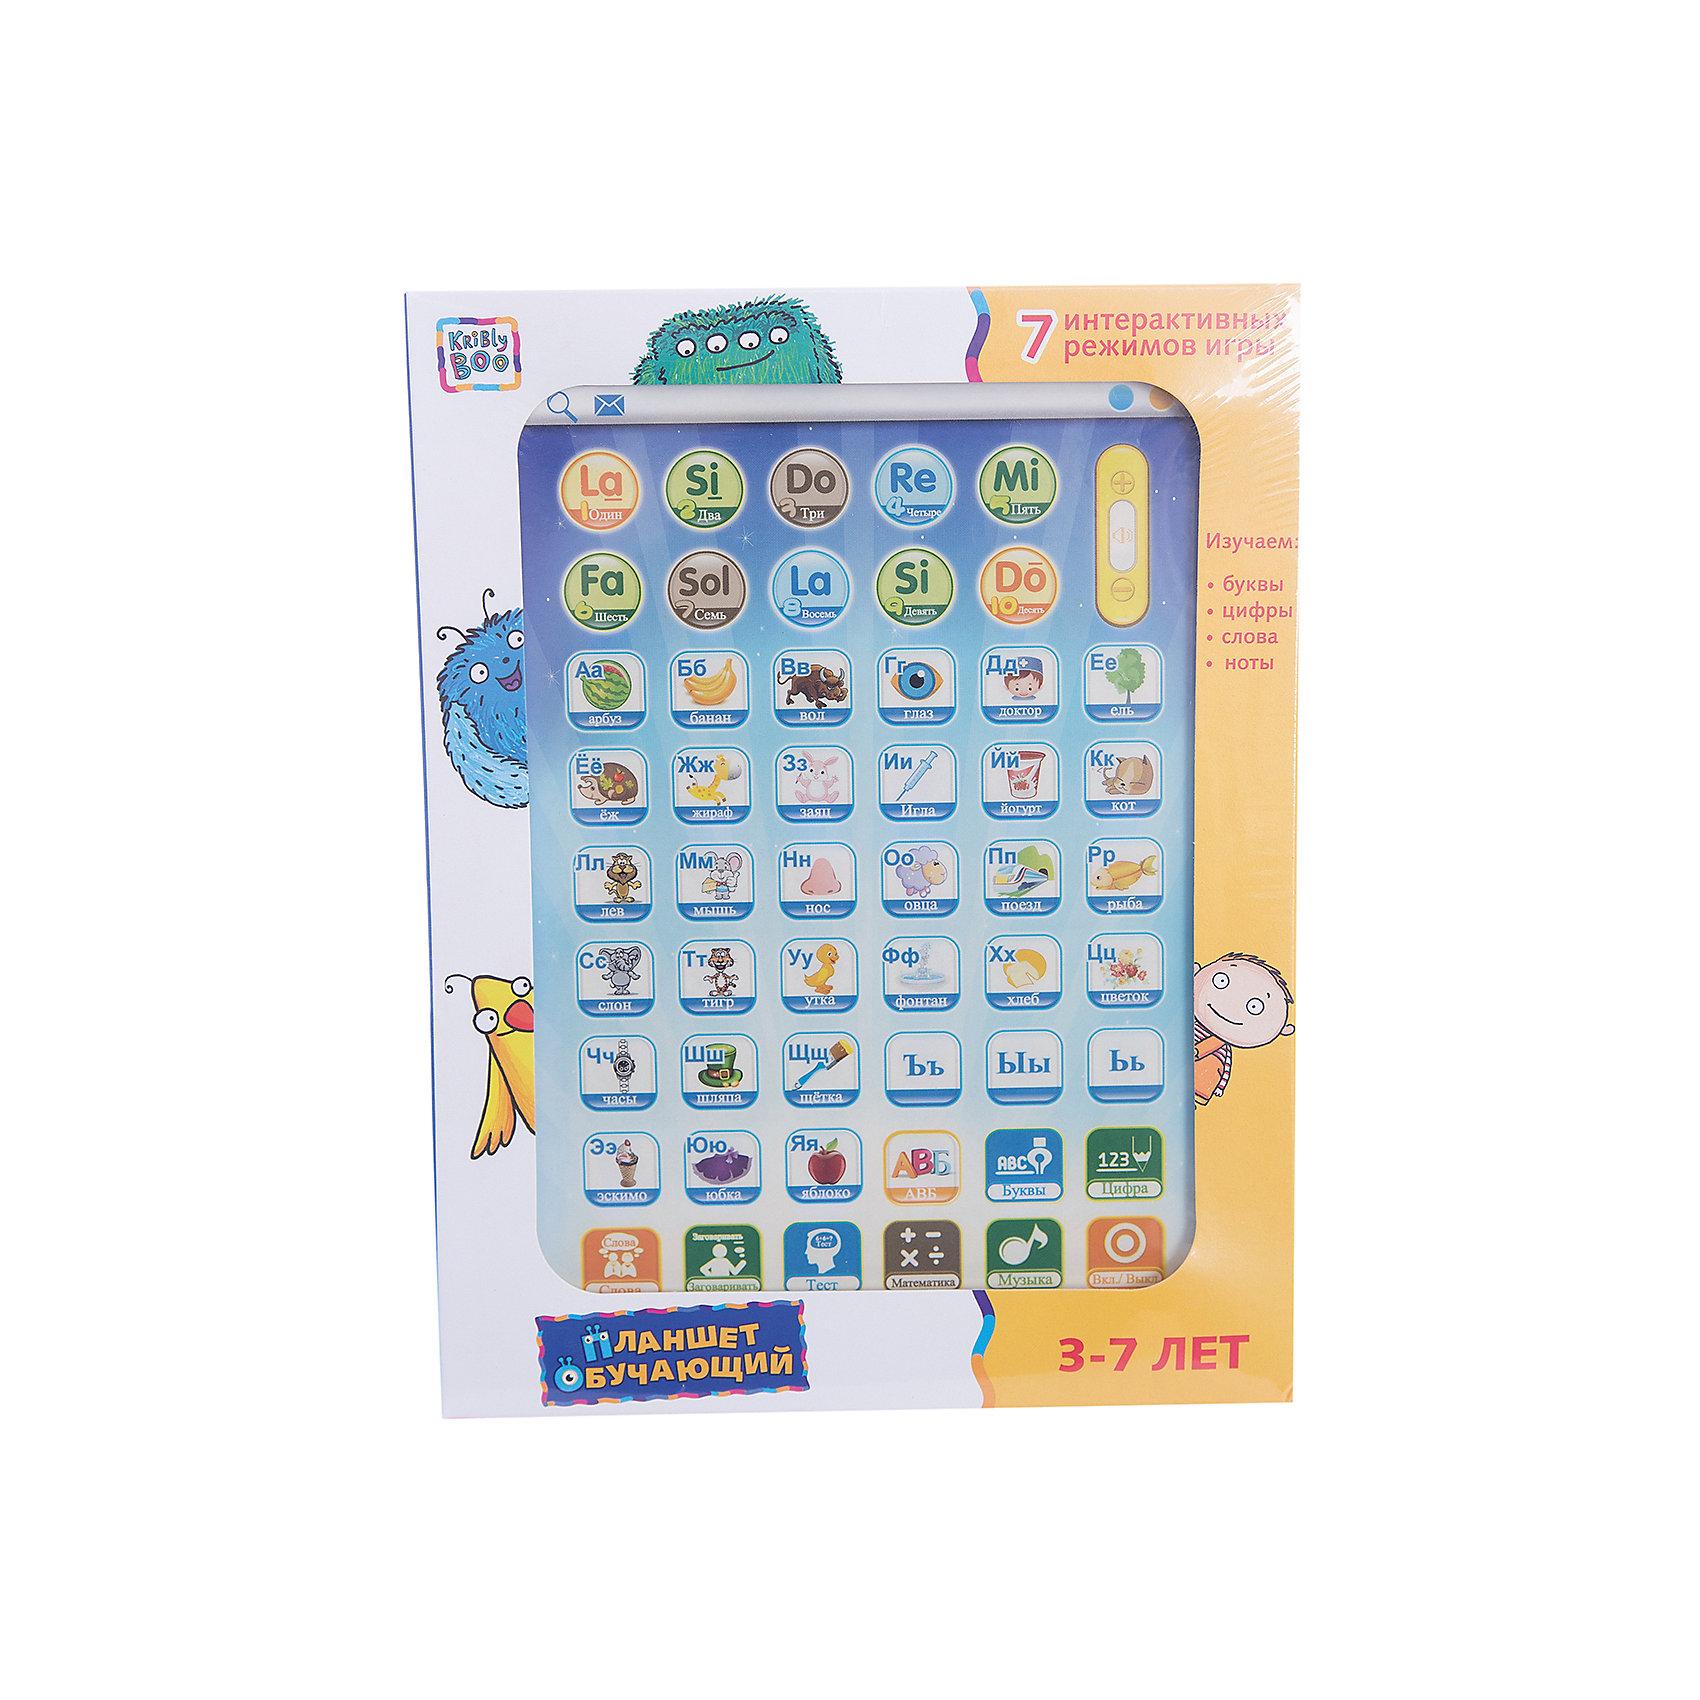 Обучающий планшет 11, Kribly BooДетская электроника<br>Дети обожают гаджеты и новые технологии.  С помощью этого простого и понятного планшета малыш сможет получить первоначальные навыки о цифрах и буквах, развить внимание и память, делая это в игровой, интересной форме. Планшет включает в себя 6 режимов игры: буквы и цифры, слова, правописание, проверка знания букв, проверка знания цифр, музыка.<br><br>Дополнительная информация:<br><br>- Материал: пластик, металл.<br>- Размер игрушки: 24х18х3 см.<br>- Звуковые эффекты.<br>- Регулировка звука. <br>- Элемент питания: 3 АА батарейки (не входят в комплект).<br>- 6 режимов. <br>- Язык: русский.<br><br>Обучающий планшет 11, Kribly Boo (Крибли Бу), можно купить в нашем магазине.<br><br>Ширина мм: 240<br>Глубина мм: 185<br>Высота мм: 25<br>Вес г: 313<br>Возраст от месяцев: 36<br>Возраст до месяцев: 84<br>Пол: Унисекс<br>Возраст: Детский<br>SKU: 4515333